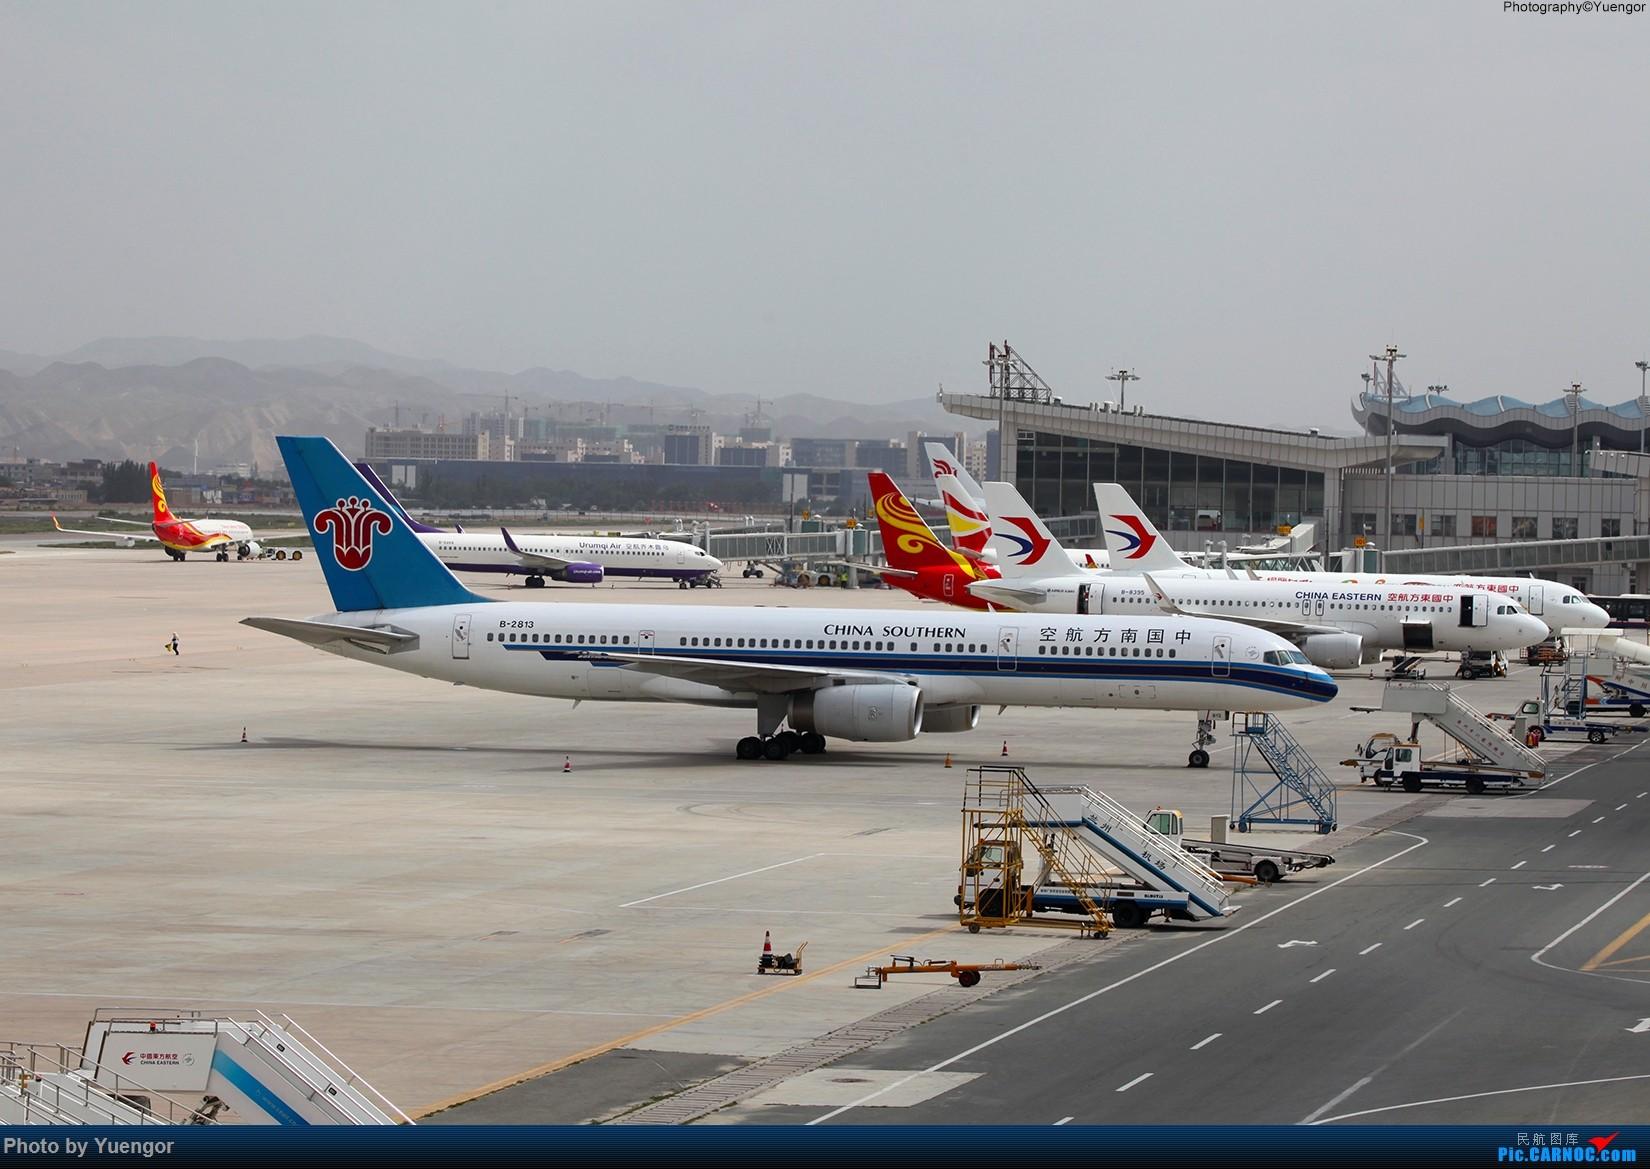 Re:[原创]【兰州飞友会】2016LHW本场拍机 原谅发图晚 BOEING 757-200 B-2813 中国兰州中川国际机场